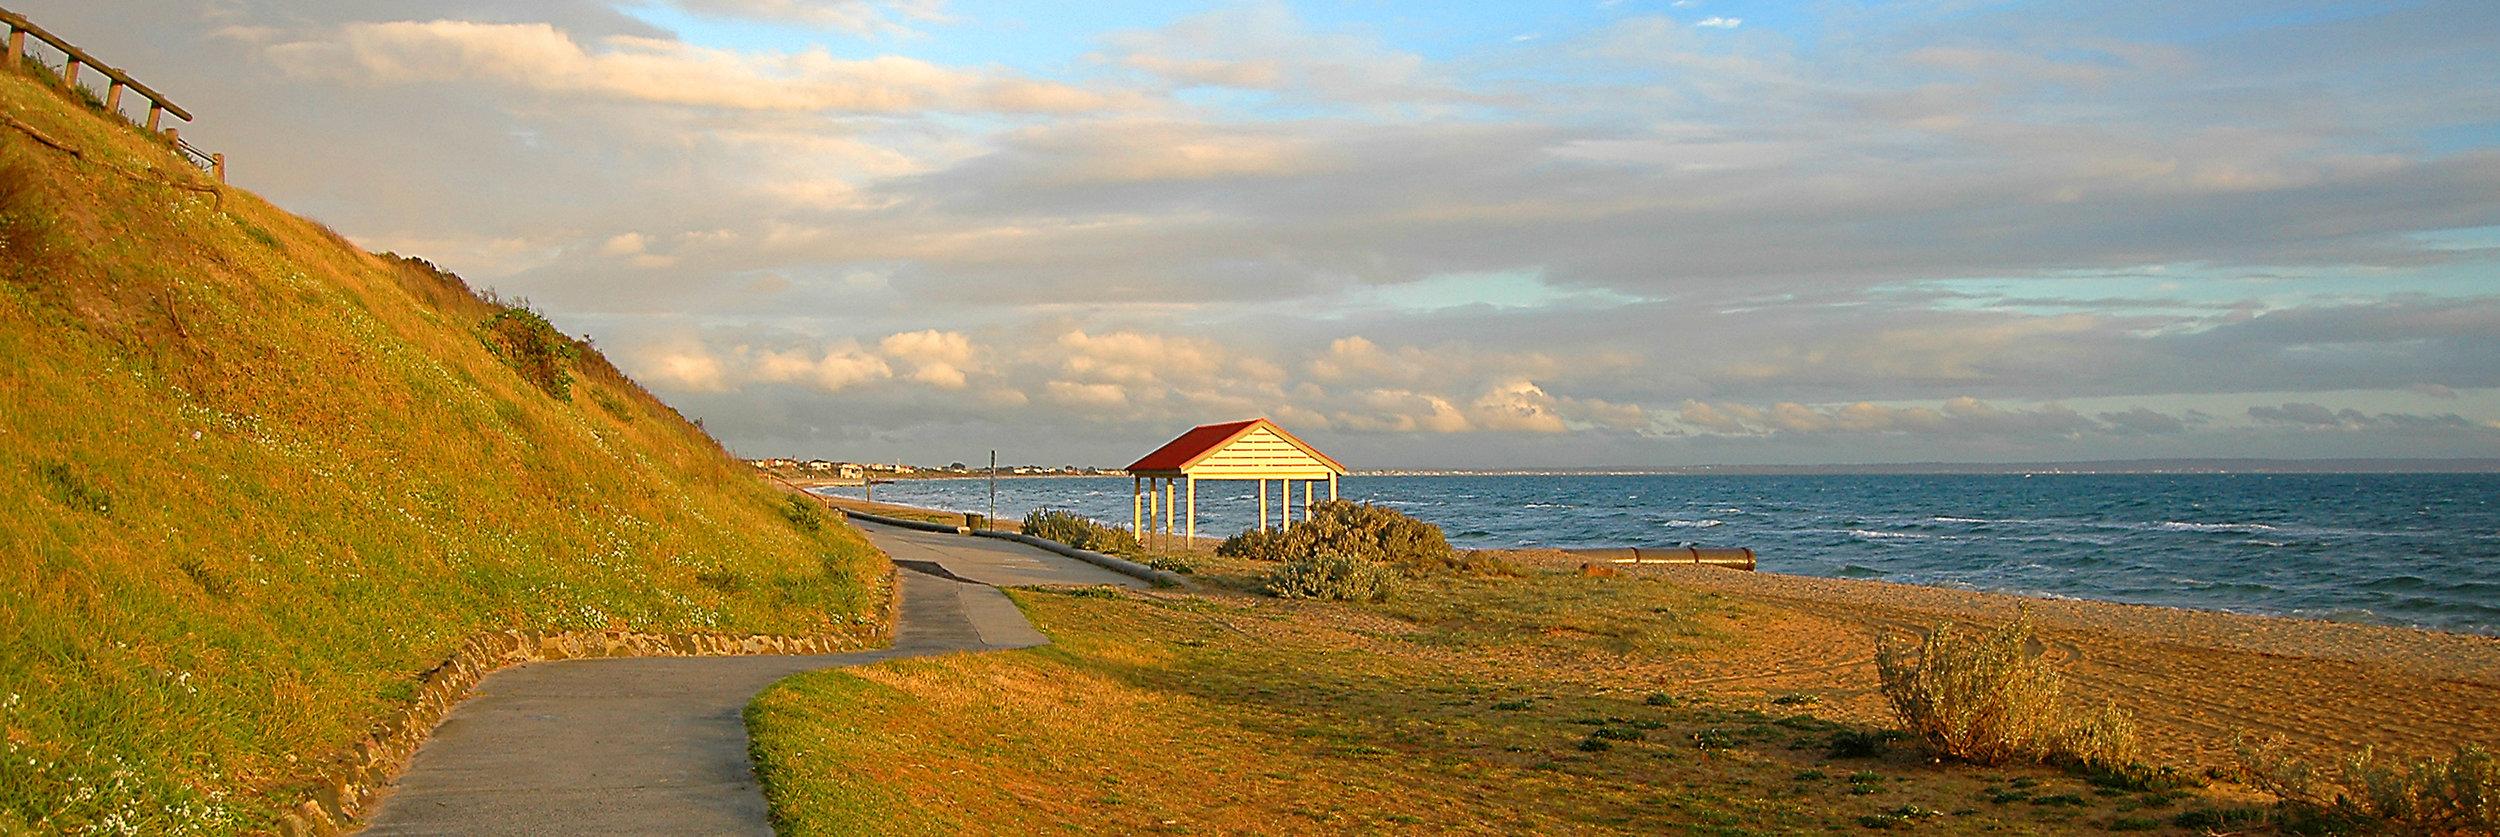 beach-hut2.jpg